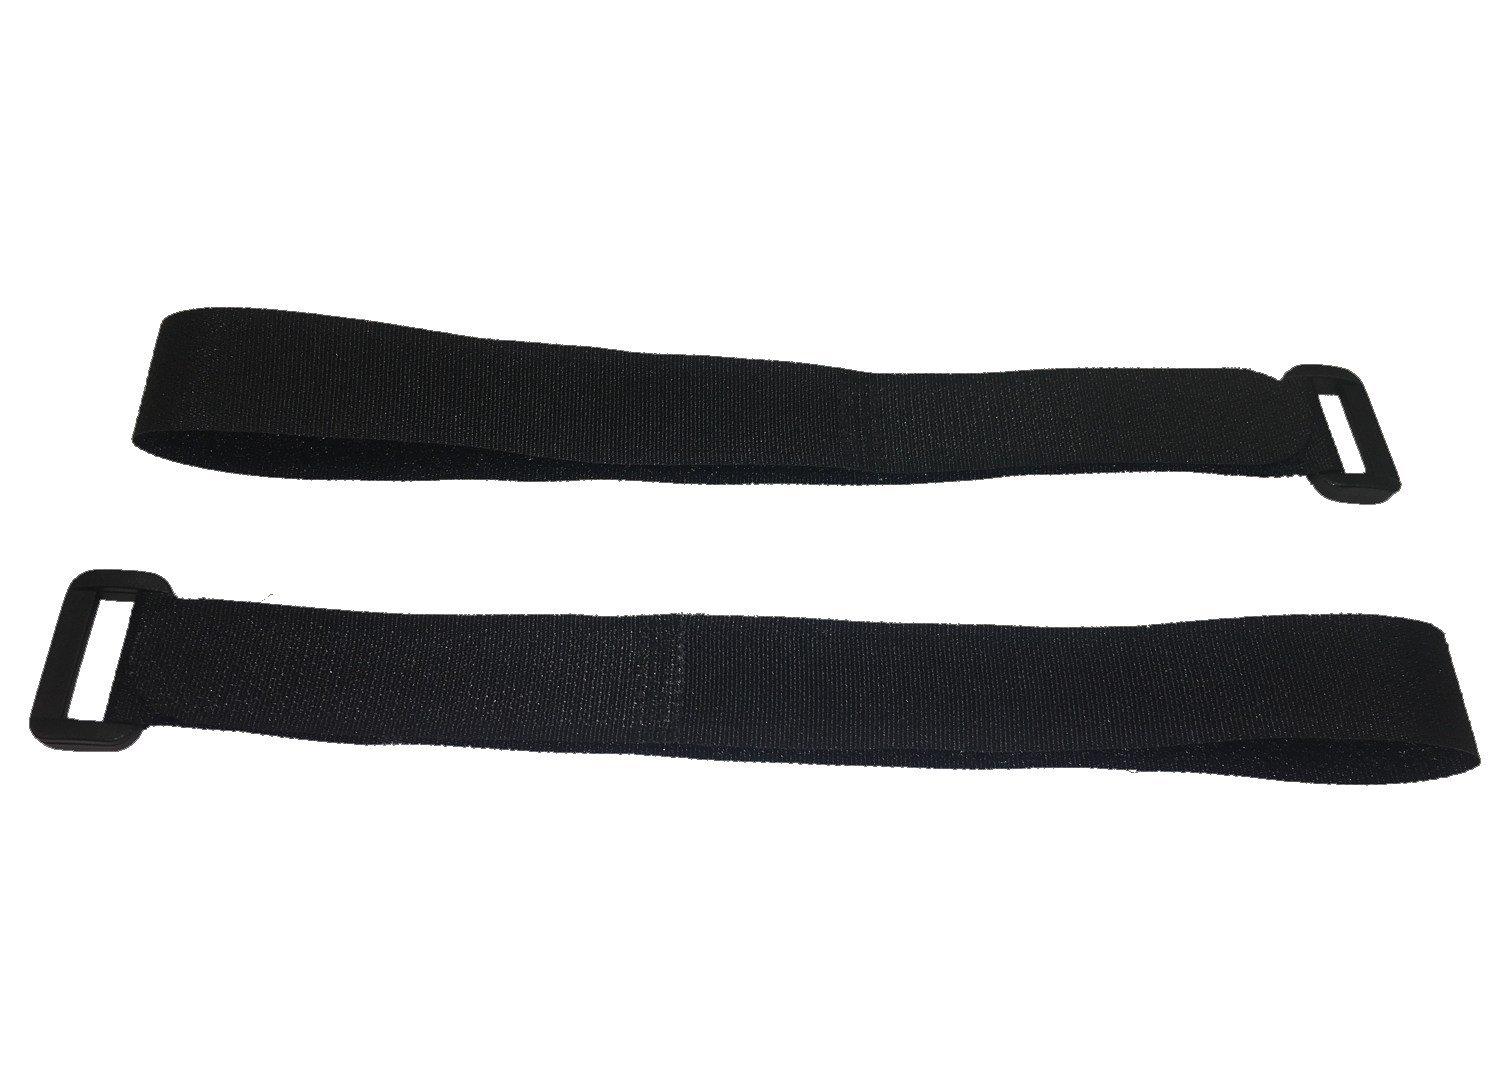 30x FrogJim Klett-Kabelbinder 10cm schwarz mit Schnalle wiederverwendbares Klettband 10cm - 30er-Pack 20mm breit Nylon mit wiederverschlie/ßbarem Zip-Beutel KKS1030